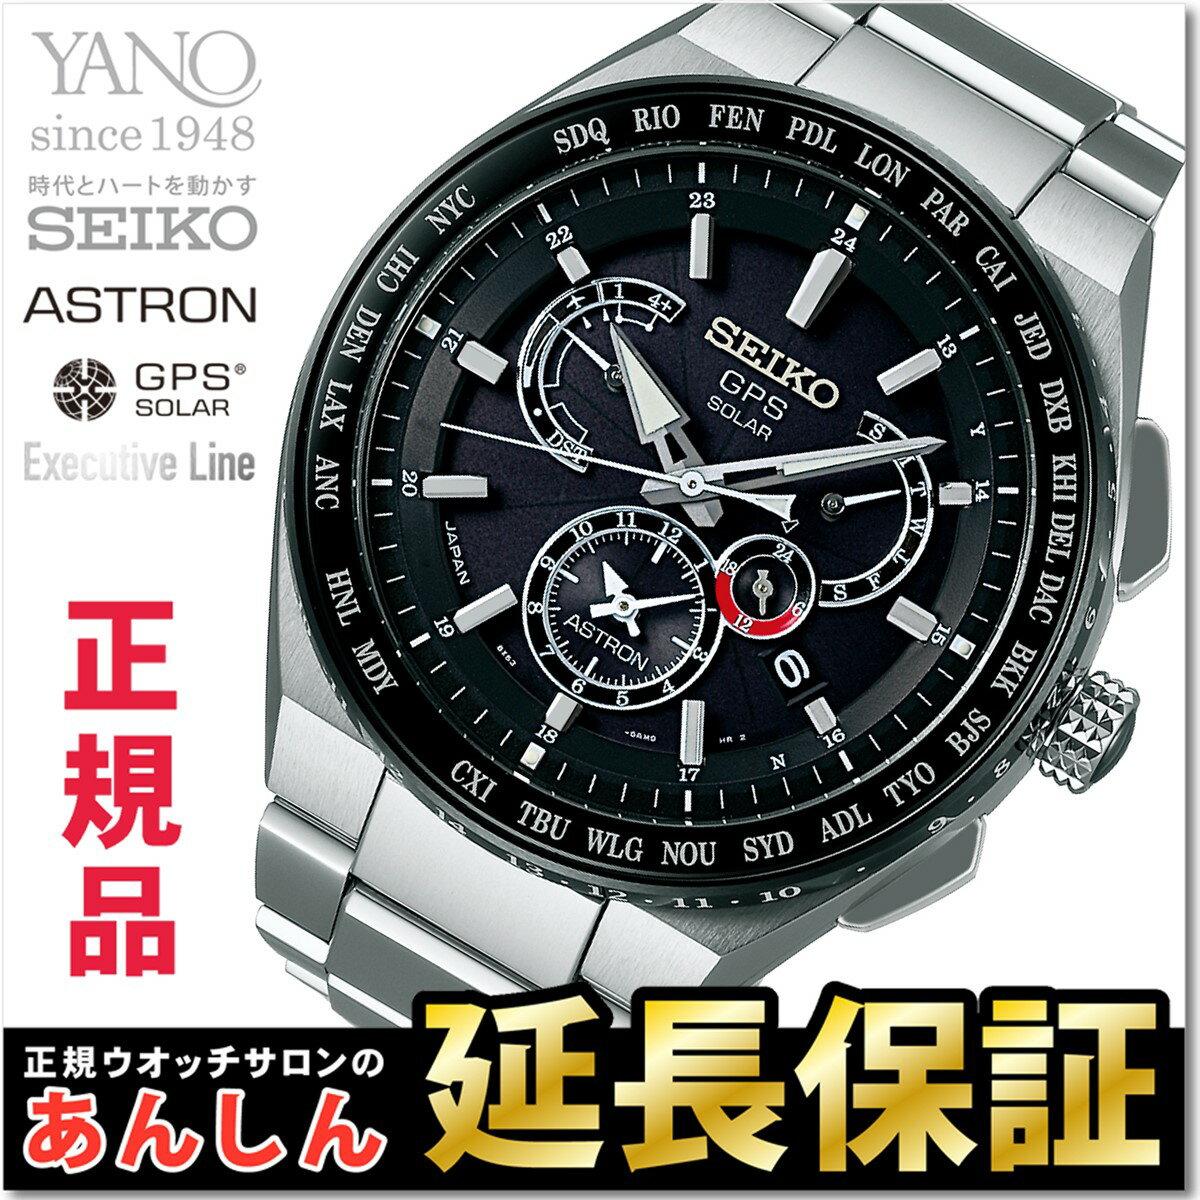 【当店だけのノベルティトレイ&ショッパー付き!】SEIKO ASTRON セイコー アストロン SBXB123 エグゼクティブライン GPSソーラー 衛星電波時計 メンズ 腕時計 【0617】_10spl※6月23日発売